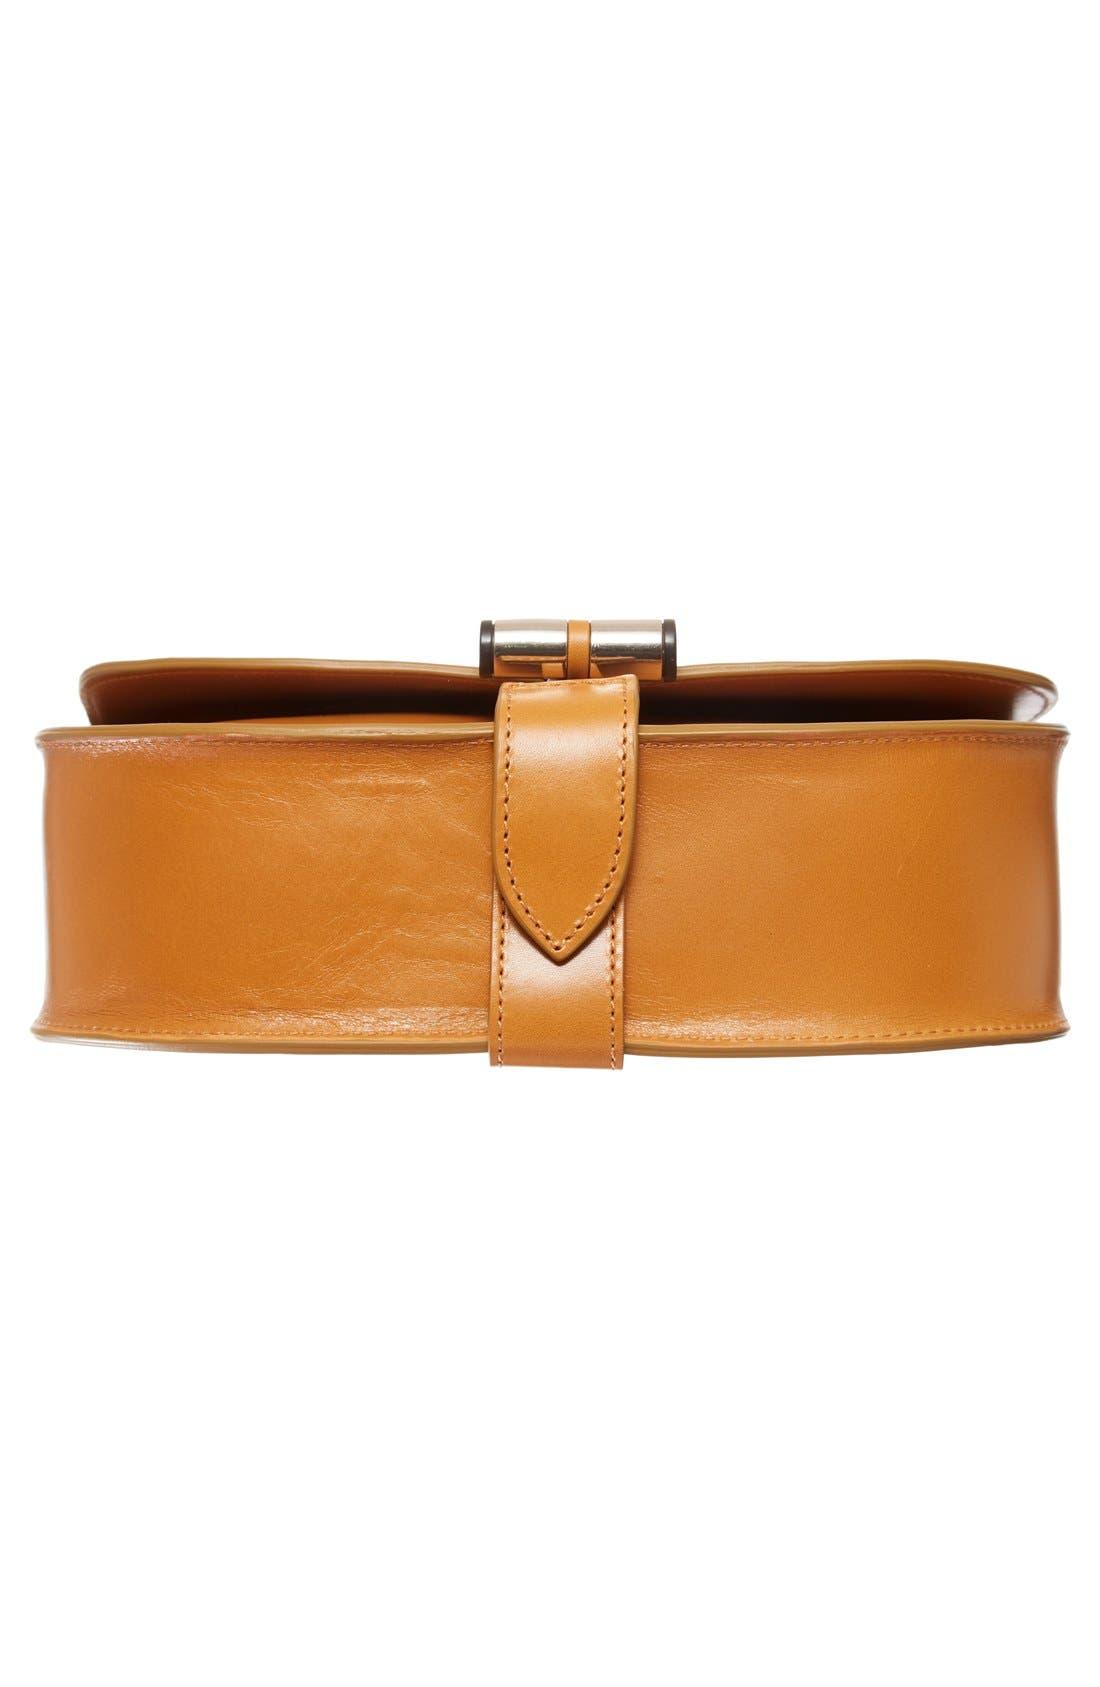 'Sac June' Leather Shoulder Bag,                             Alternate thumbnail 6, color,                             700